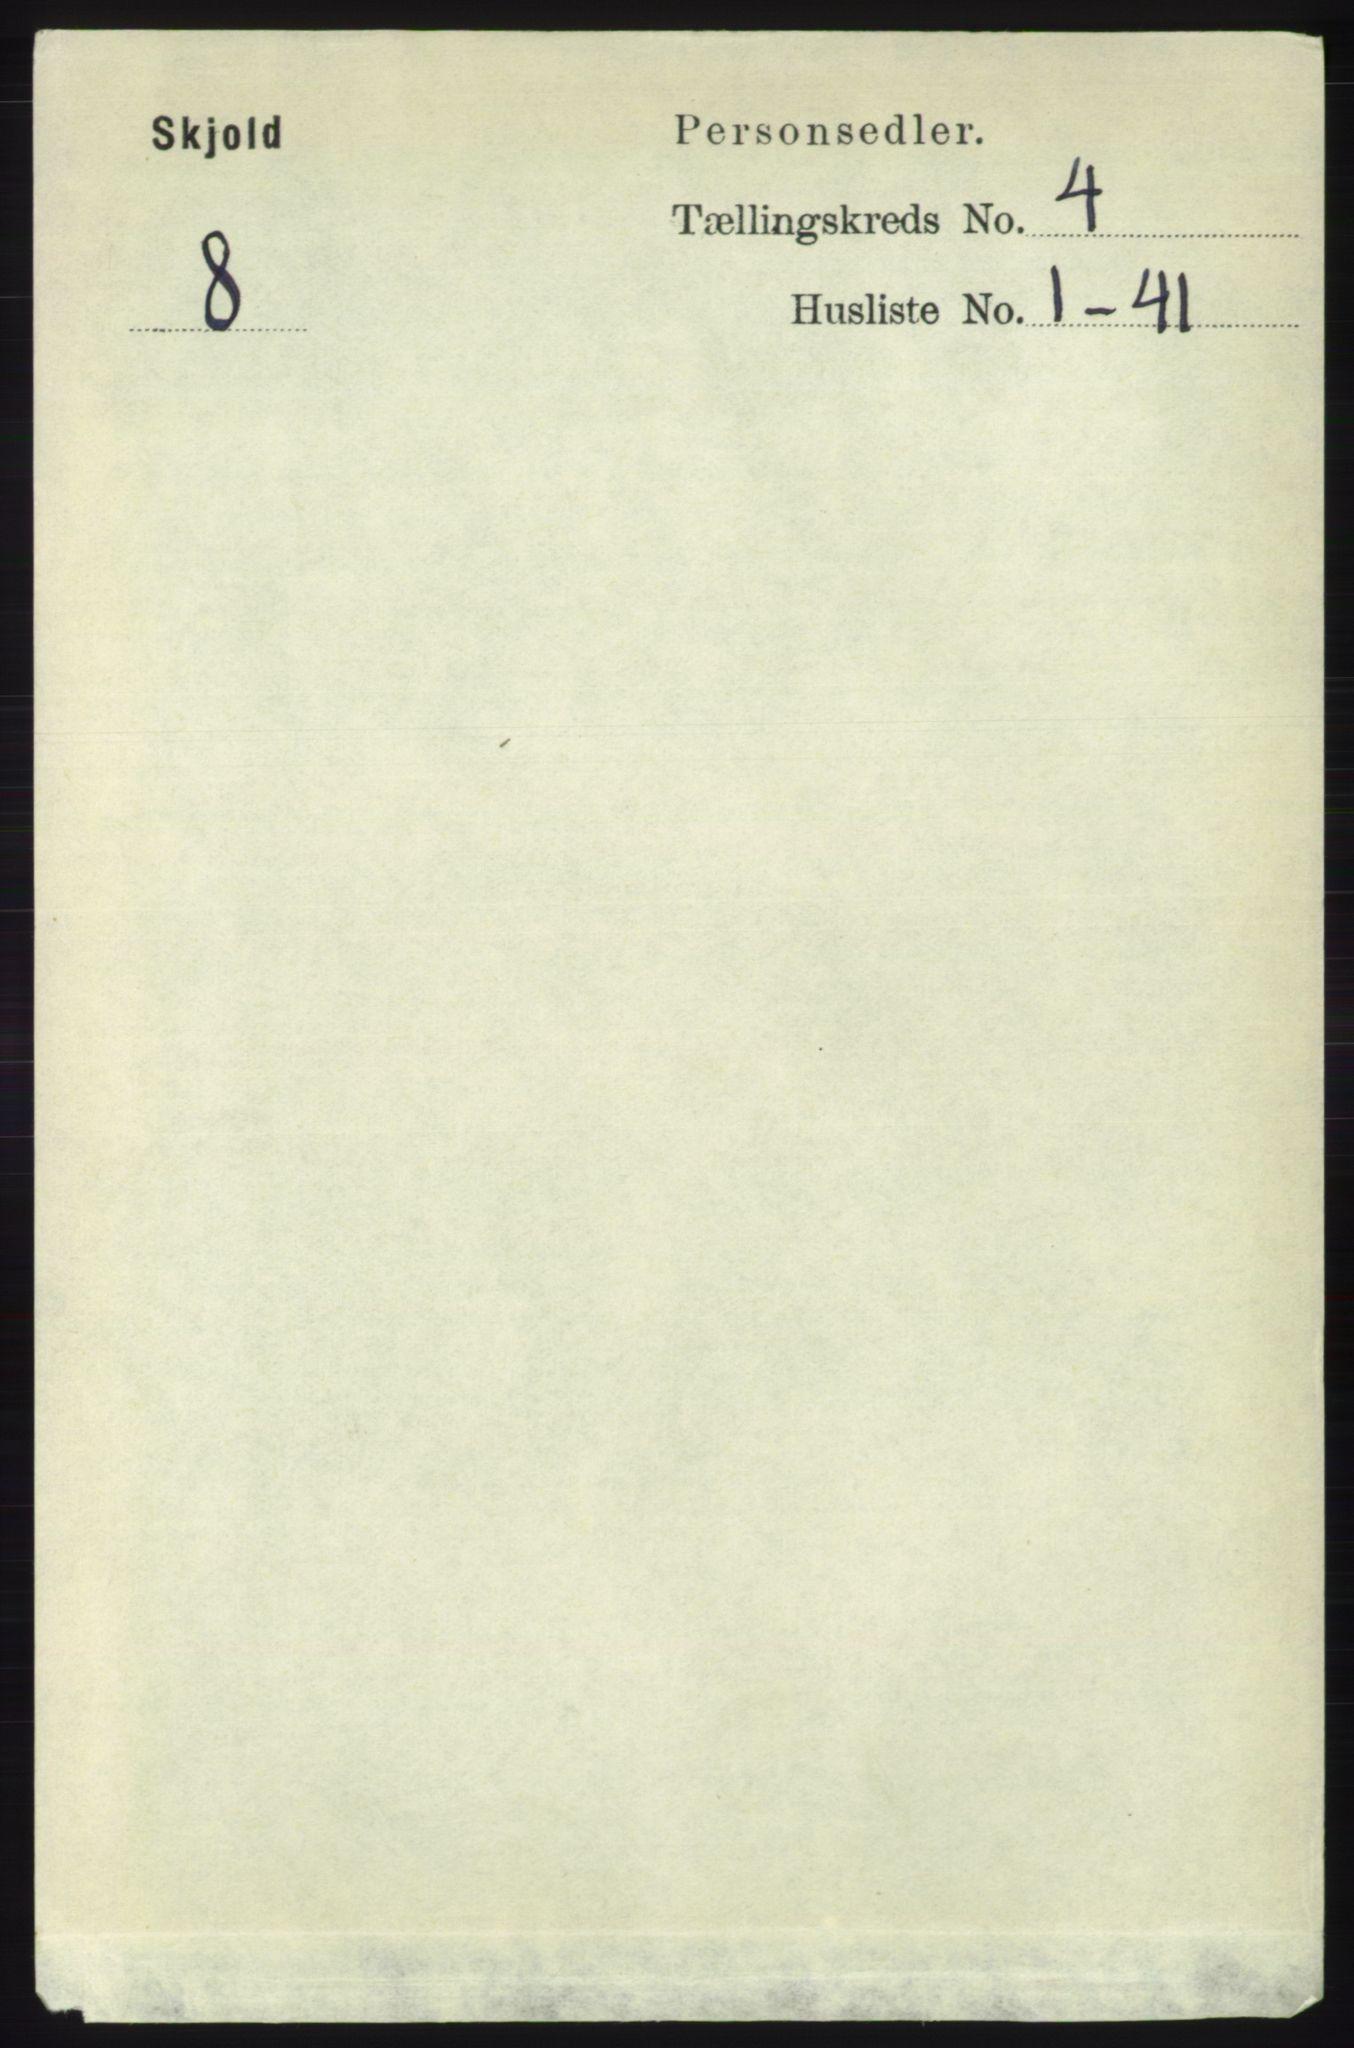 RA, Folketelling 1891 for 1154 Skjold herred, 1891, s. 553